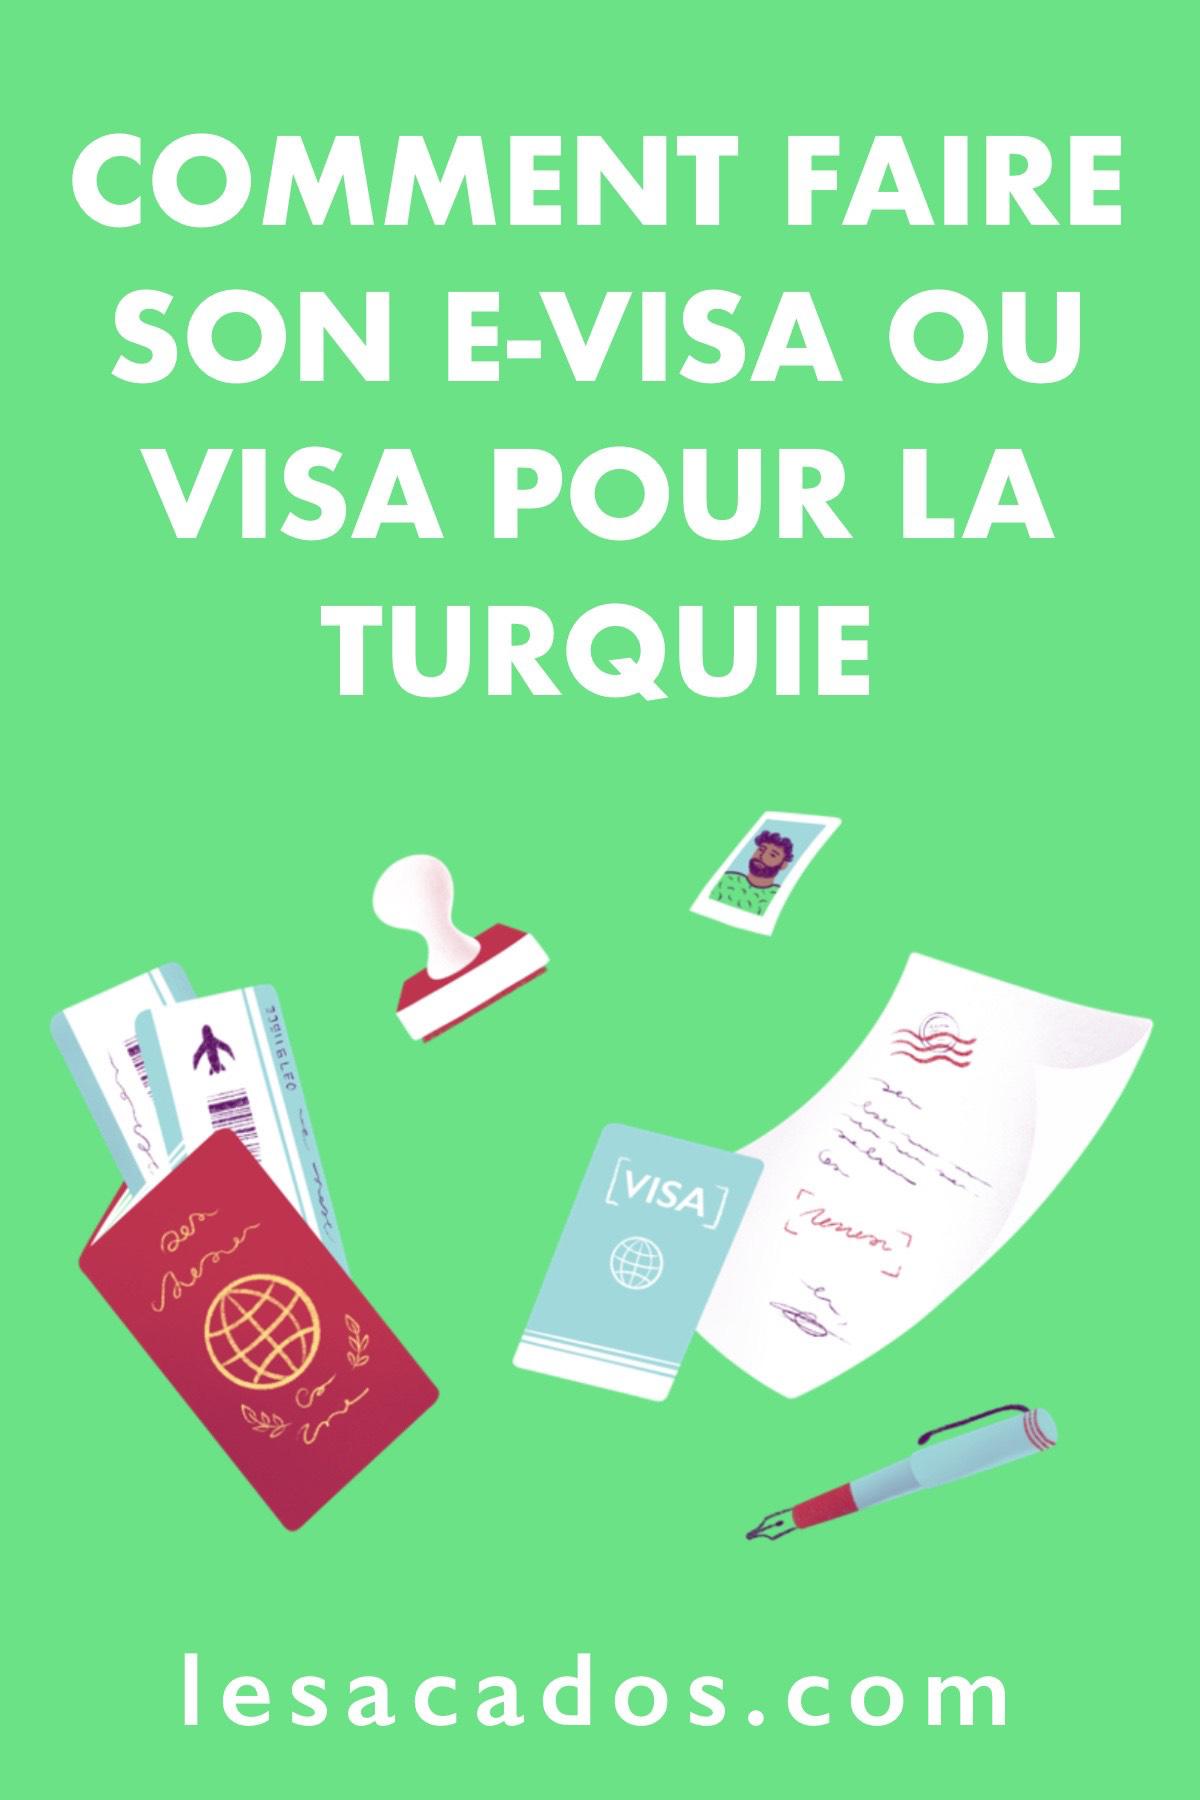 Dans cet article je vous explique en détail comment faire votre visa (ou evisa) pour la Turquie tout seul, ou en passant passant par une agence.